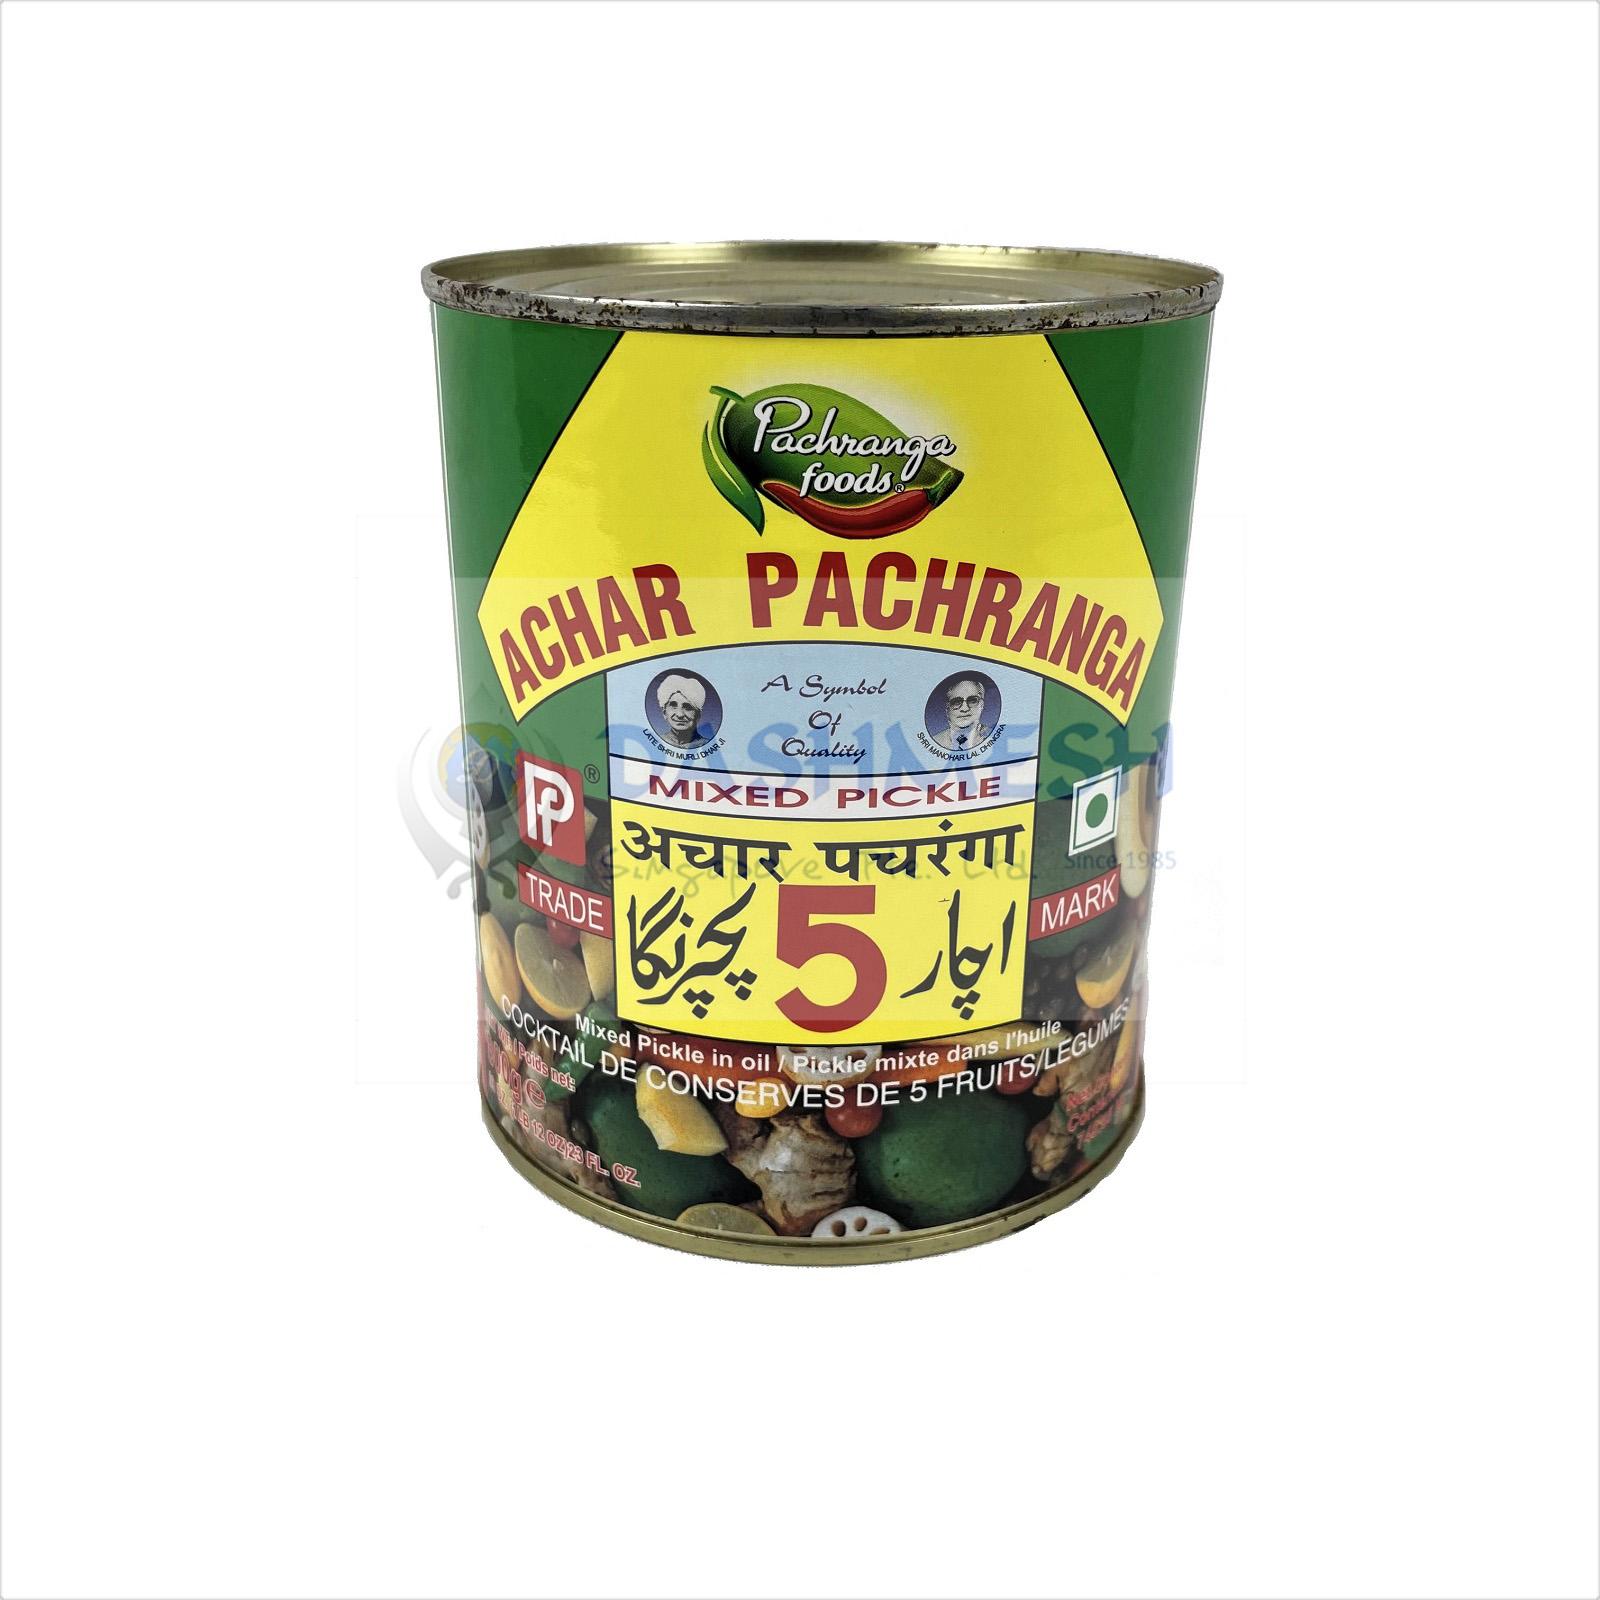 Pachranga PIP Mixed Pickle 800g